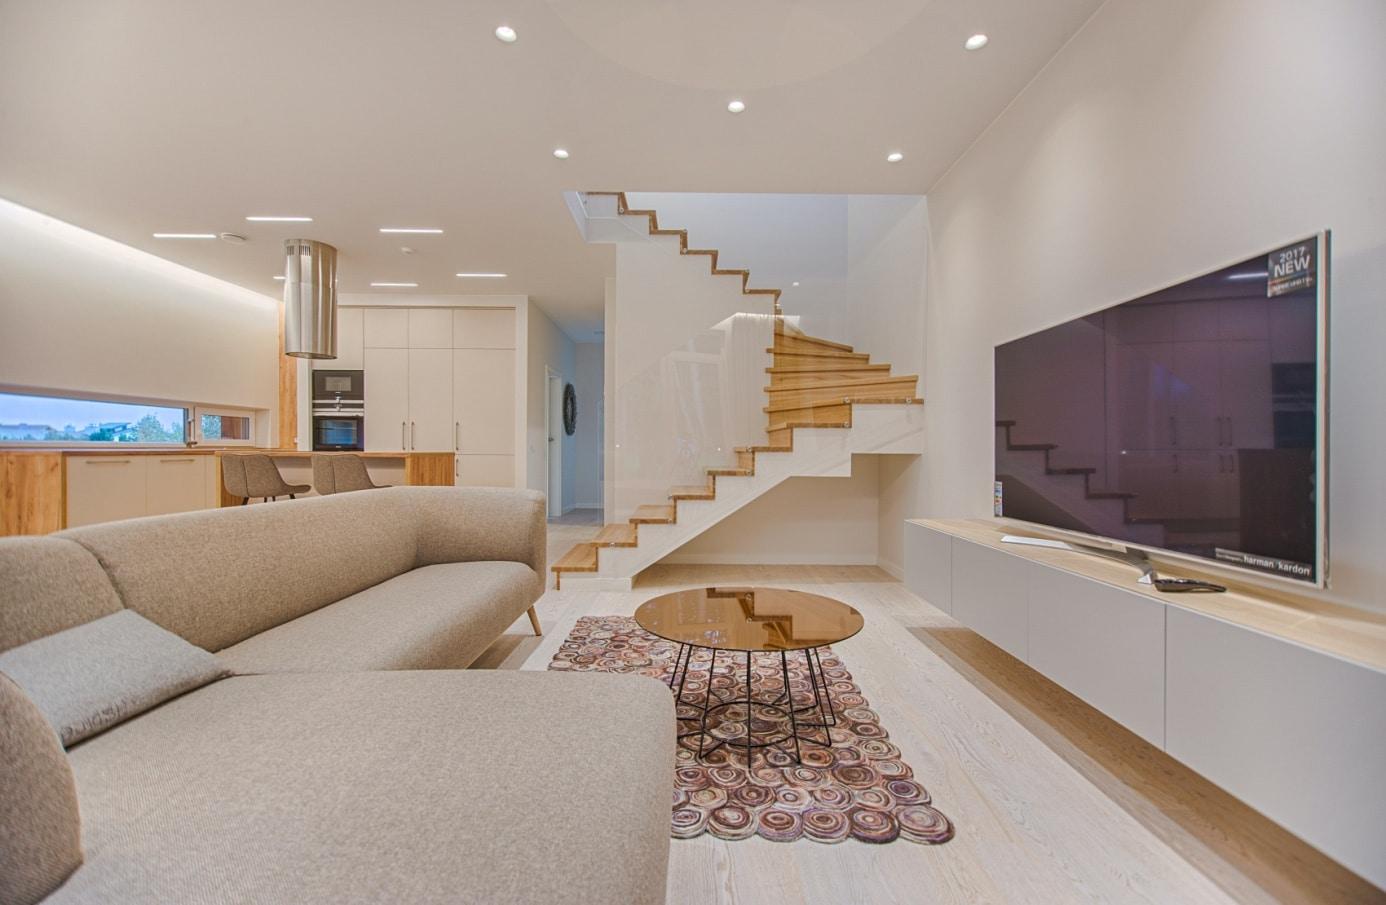 Nowoczesne schody w domu – co to oznacza? 1